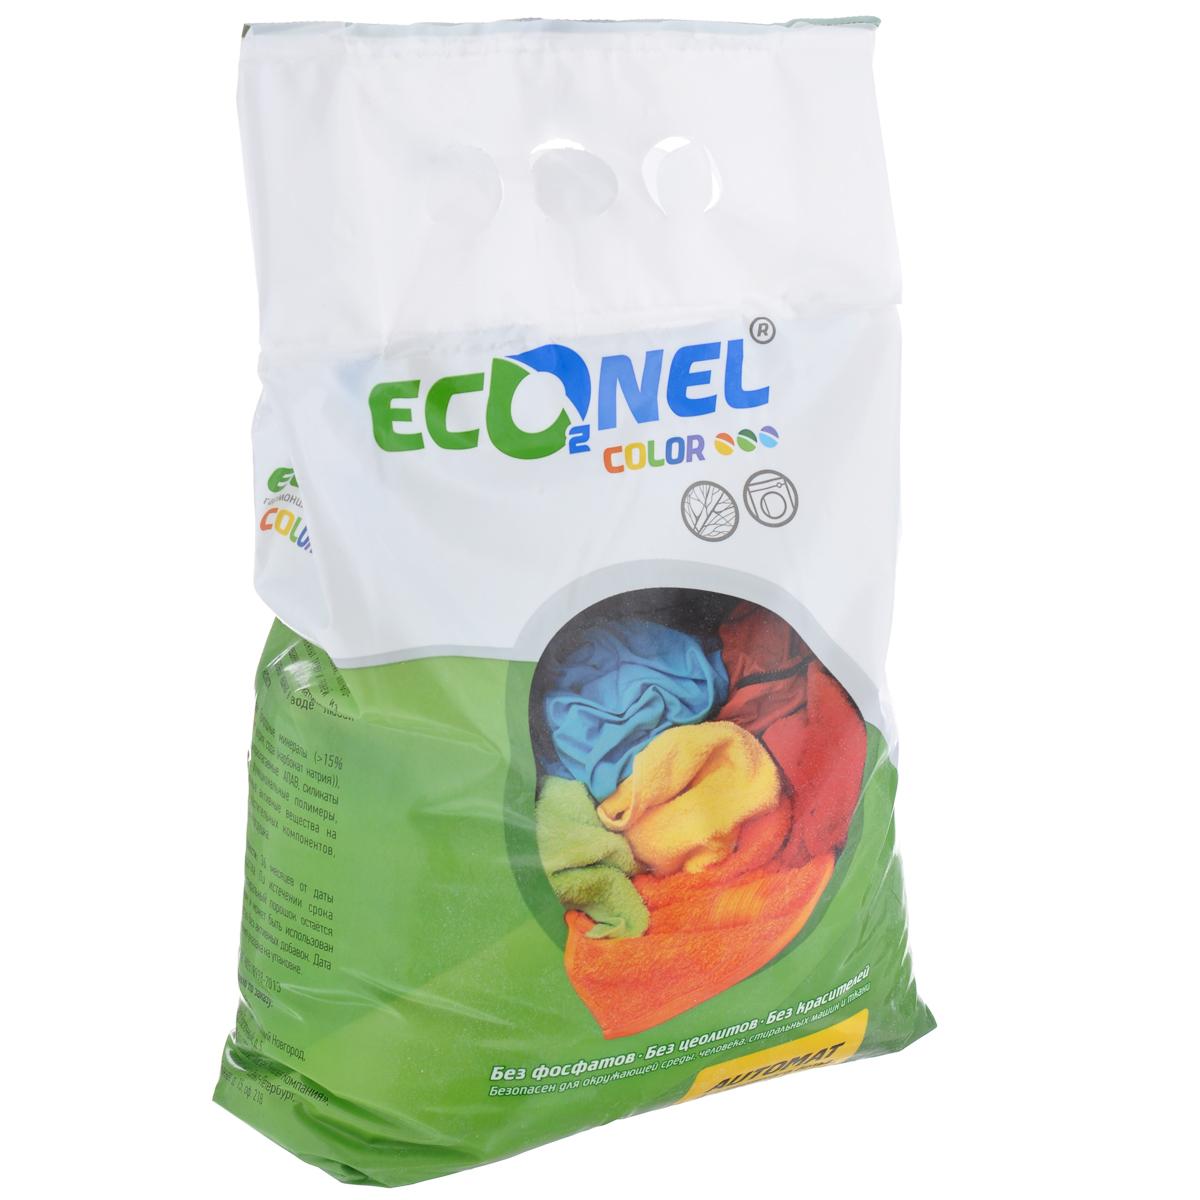 Стиральный порошок Econel Color, автомат, для цветного белья, 3 кг870143Стиральный порошок Econel Color предназначен для стирки белья из льняных, синтетических, хлопчатобумажных тканей и тканей из смешанных волокон в автоматических стиральных машинах в воде любой жесткости. Полностью биоразлагаемый порошок, не наносит вреда окружающей среде. Современное производство не образует пыли, которая может раздражать дыхательные пути. Высокоэффективная стирка за счет содержания современных активных компонентов. Эффективен даже при низких температурах стирки. Сохраняет цвет вещей после многократных стирок. Не содержит искусственных отдушек и красителей, не вызывает аллергию. Защищает стиральную машину от накипи. Состав: природные материалы (более 15% сульфата натрия, карбонат натрия), 5-15% биоразлагаемые АПАВ, силикаты натрия, функциональные полимеры, натуральные активные вещества на основе растительных компонентов, ингибитор переноса красителя, отдушка.